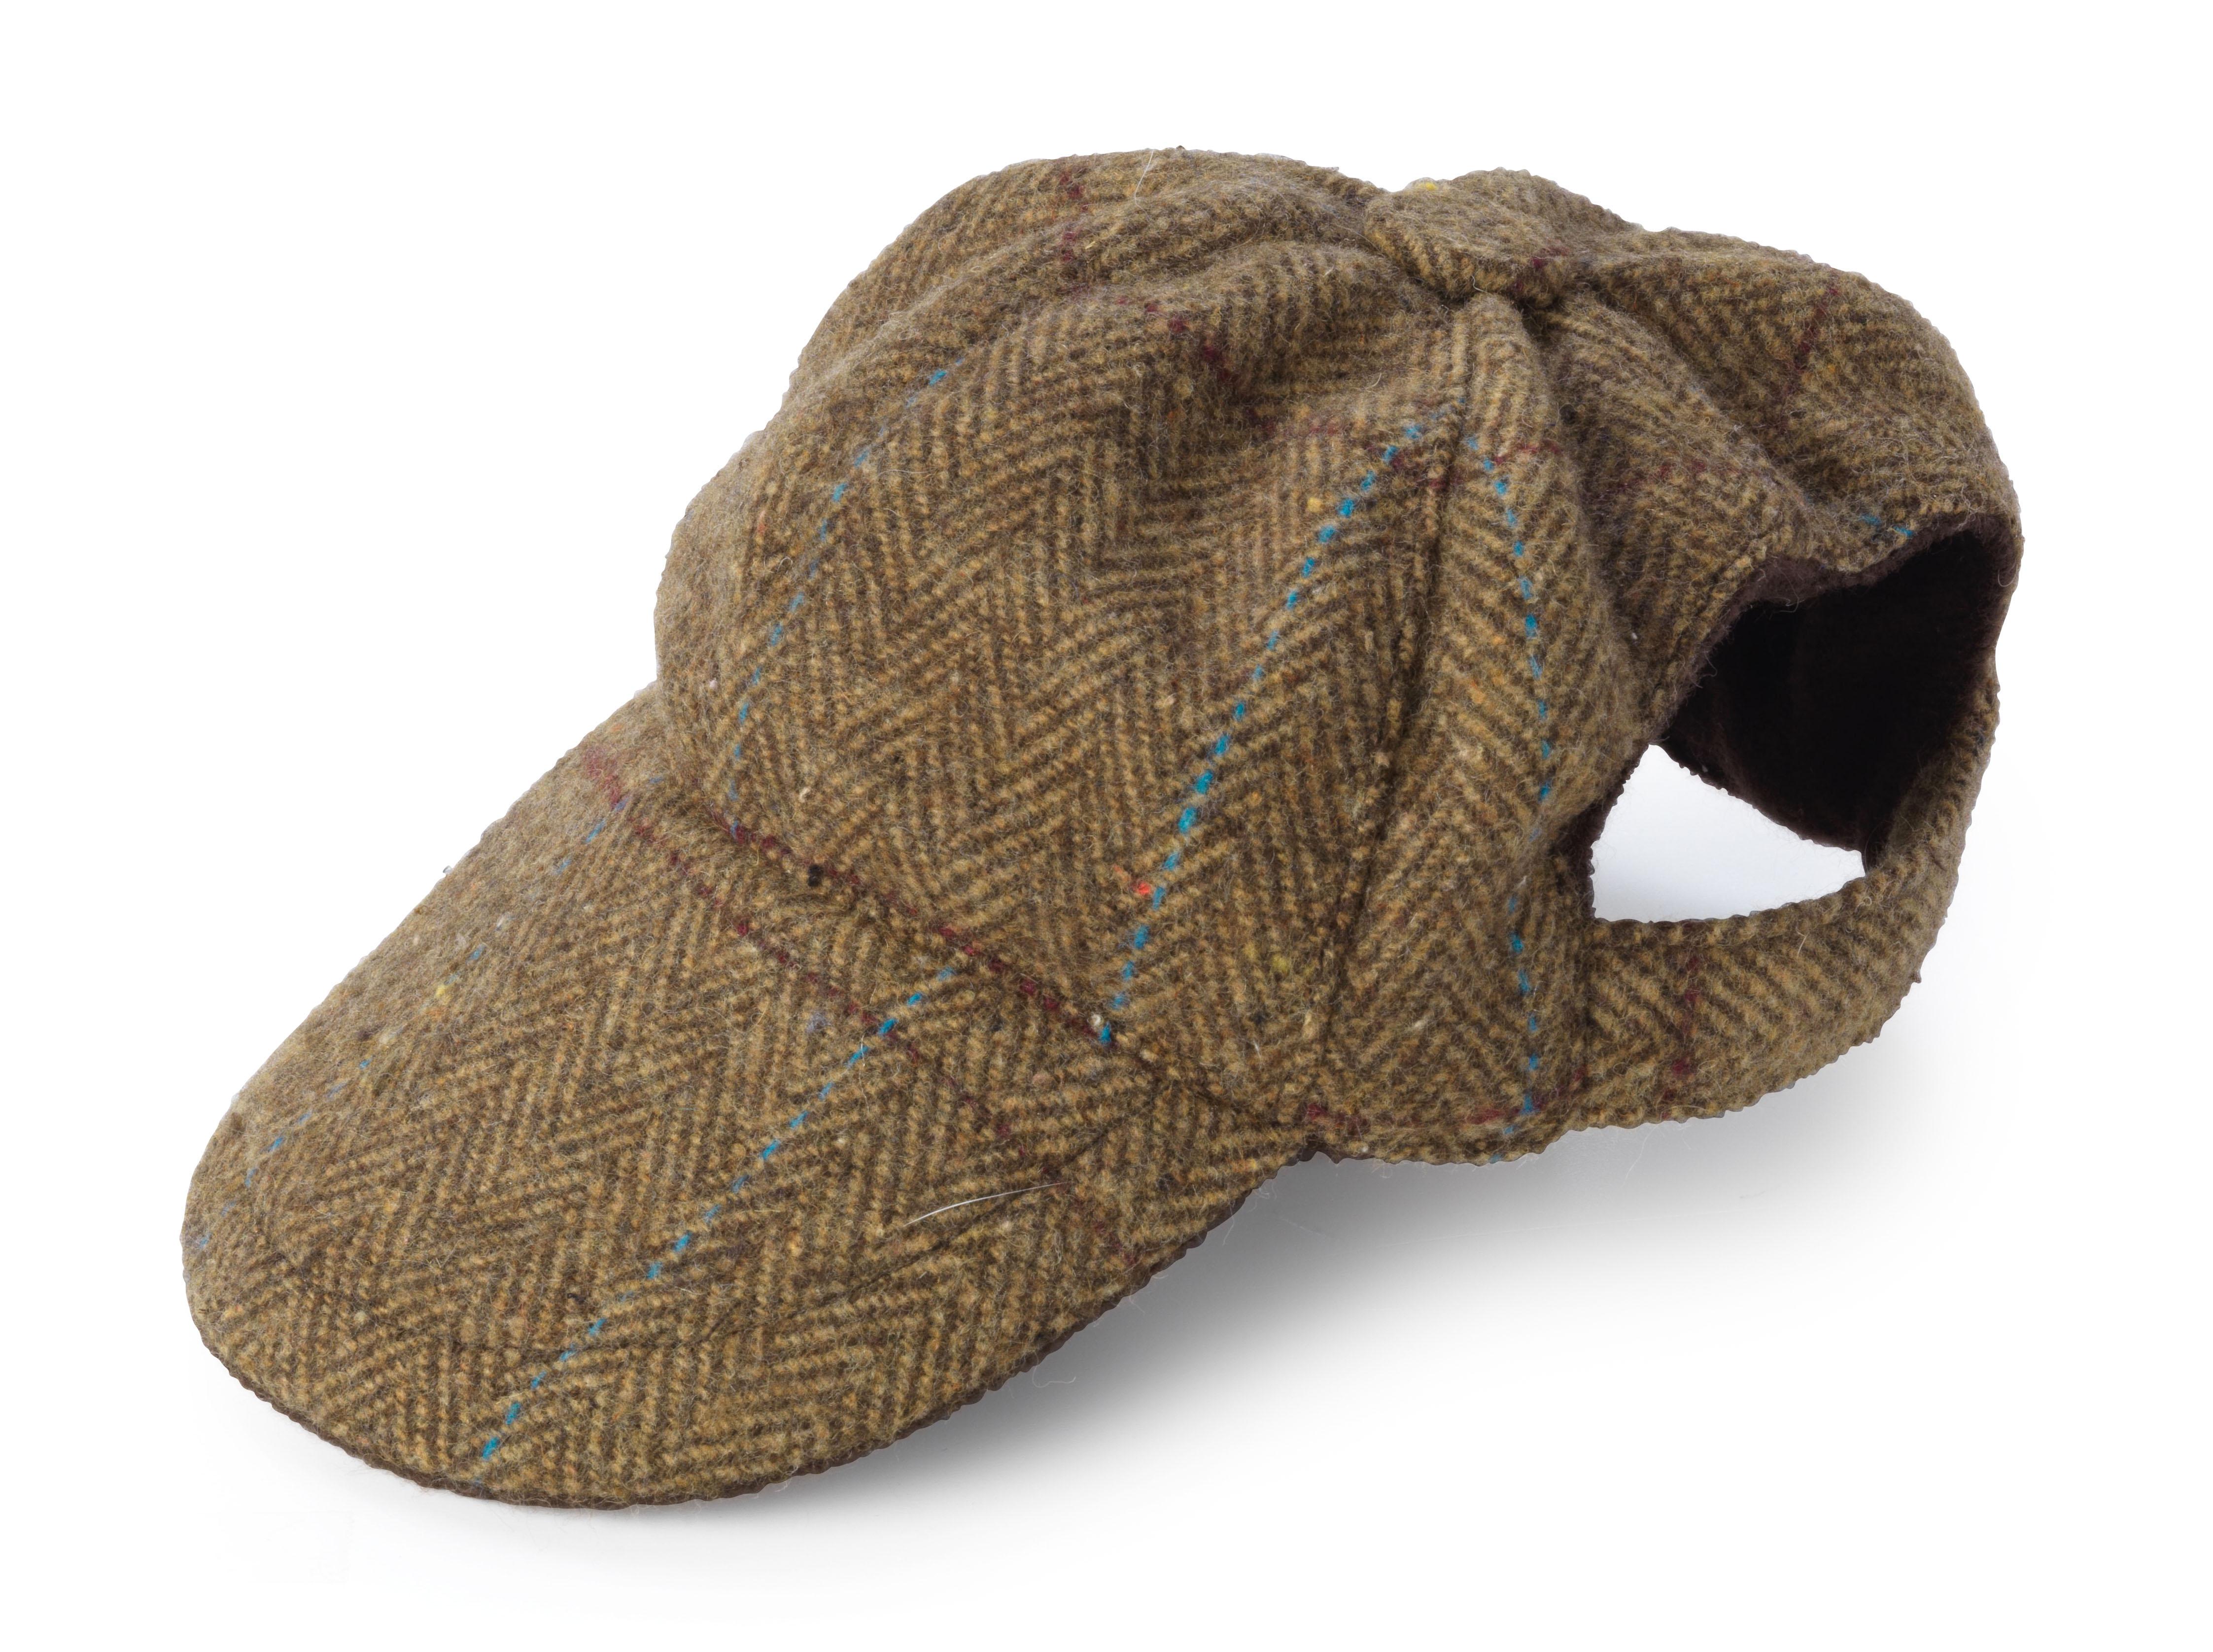 Tweed dog hat